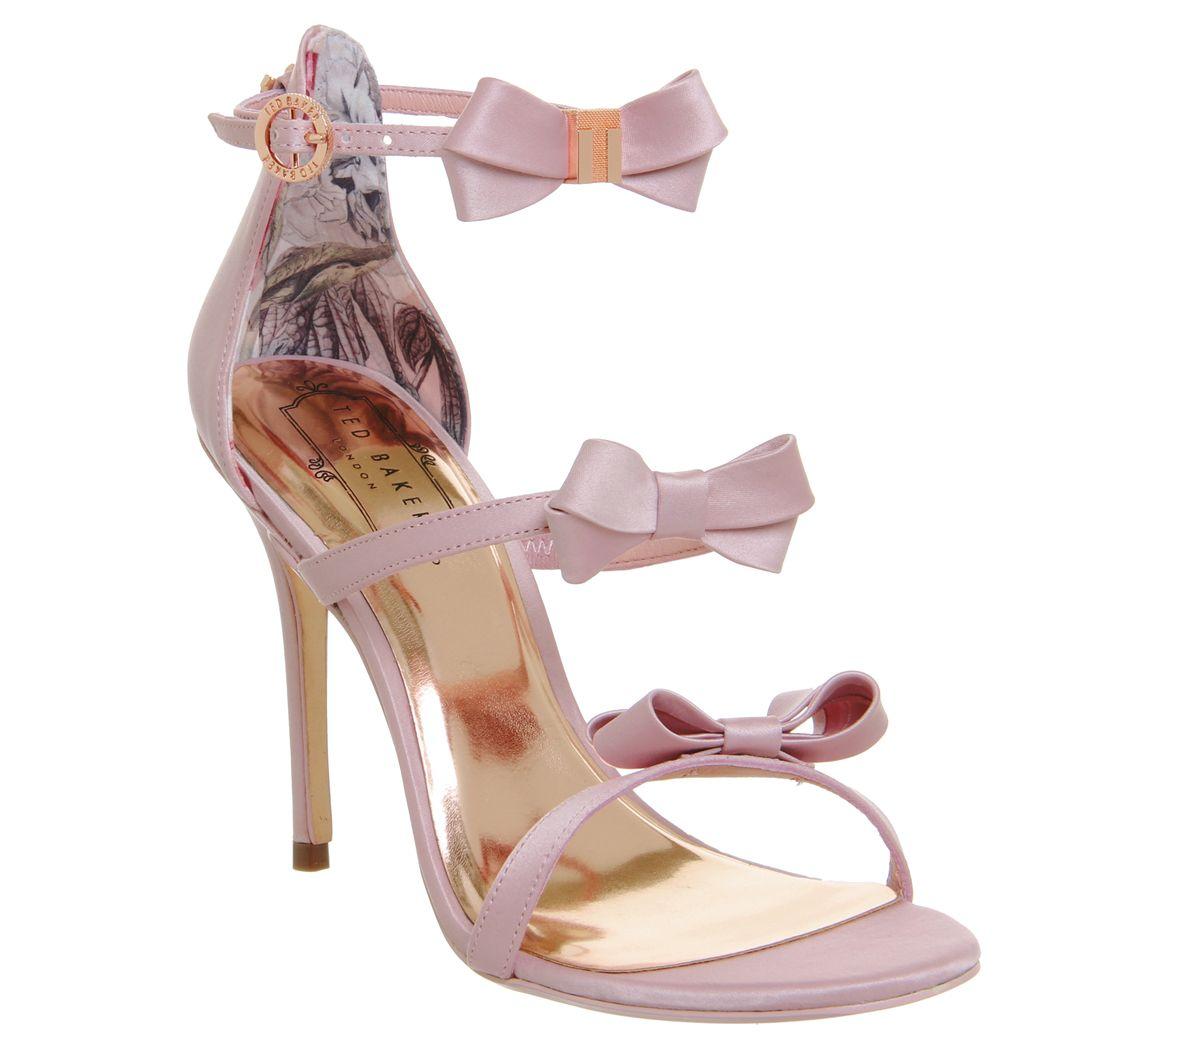 783e8963da96 Ted Baker Nuscala Bow Heels Light Pink Satin - High Heels